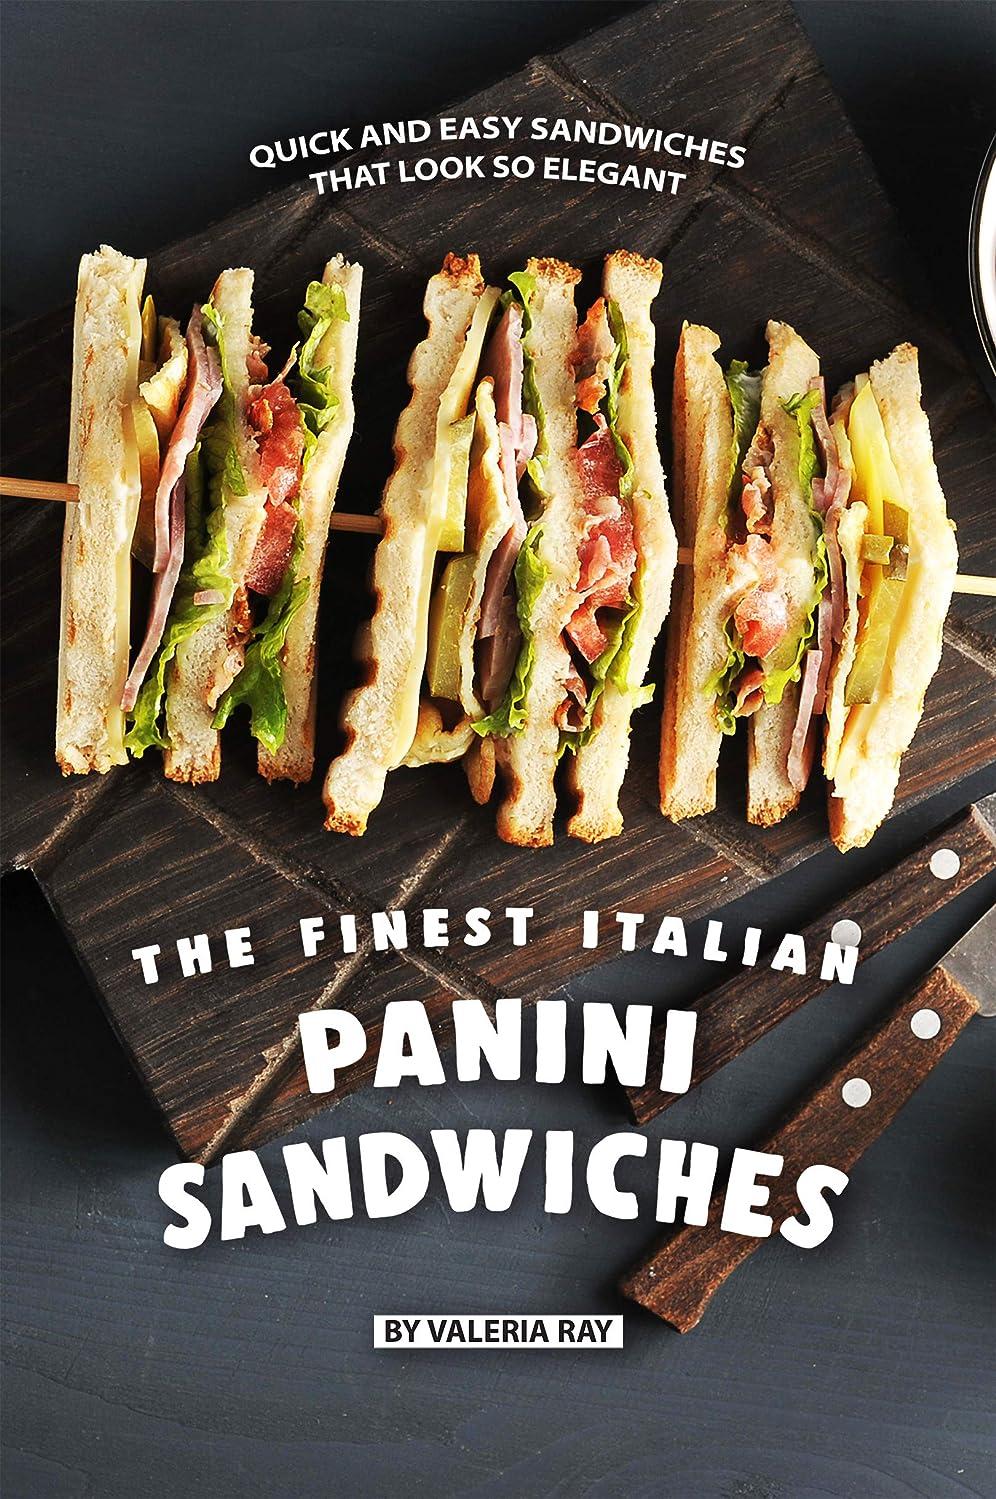 優先権書き込み印刷するThe Finest Italian Panini Sandwiches: Quick and Easy Sandwiches That Look So Elegant (English Edition)